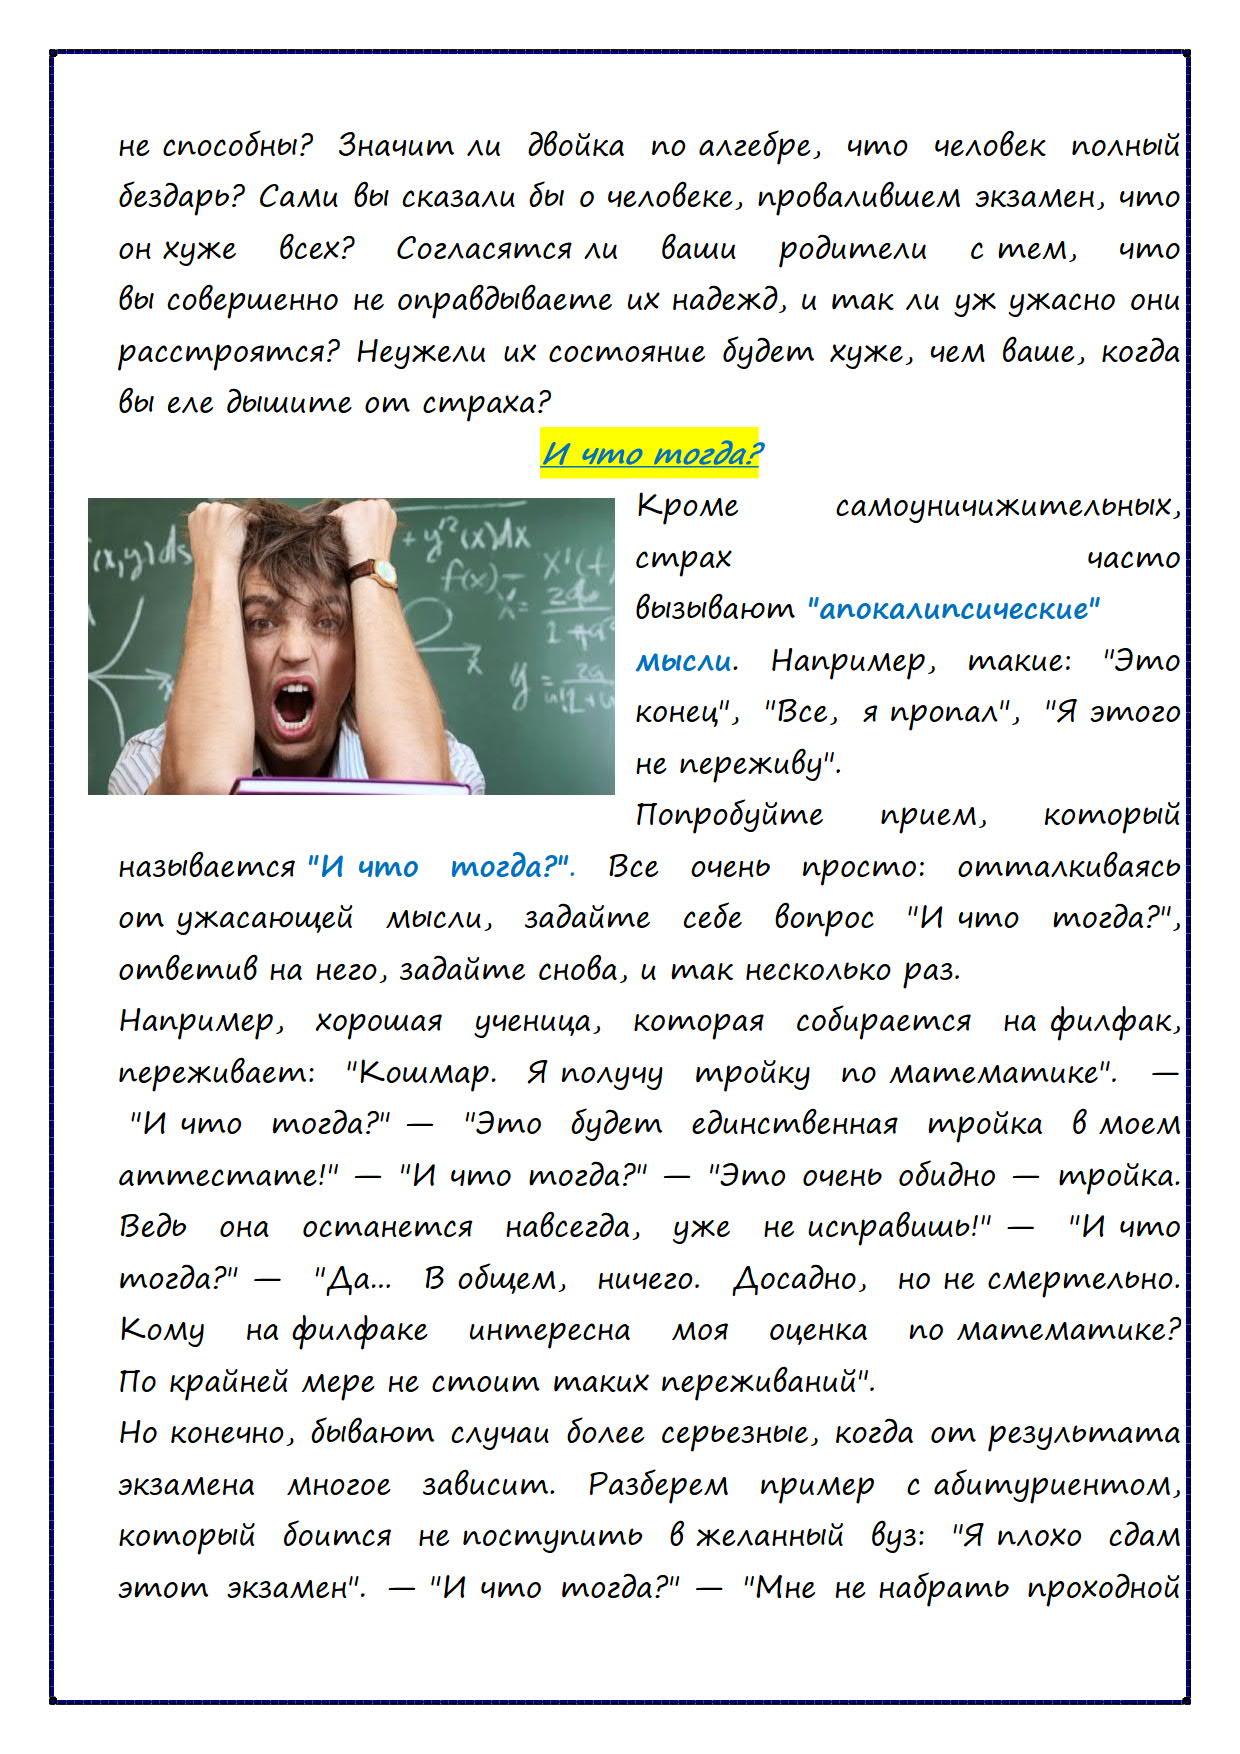 ПЕДАГОГ - ПСИХОЛОГ РЕКОМЕНДАЦИИ СТРАХ ПЕРЕД ЭКЗАМЕНОМ_3